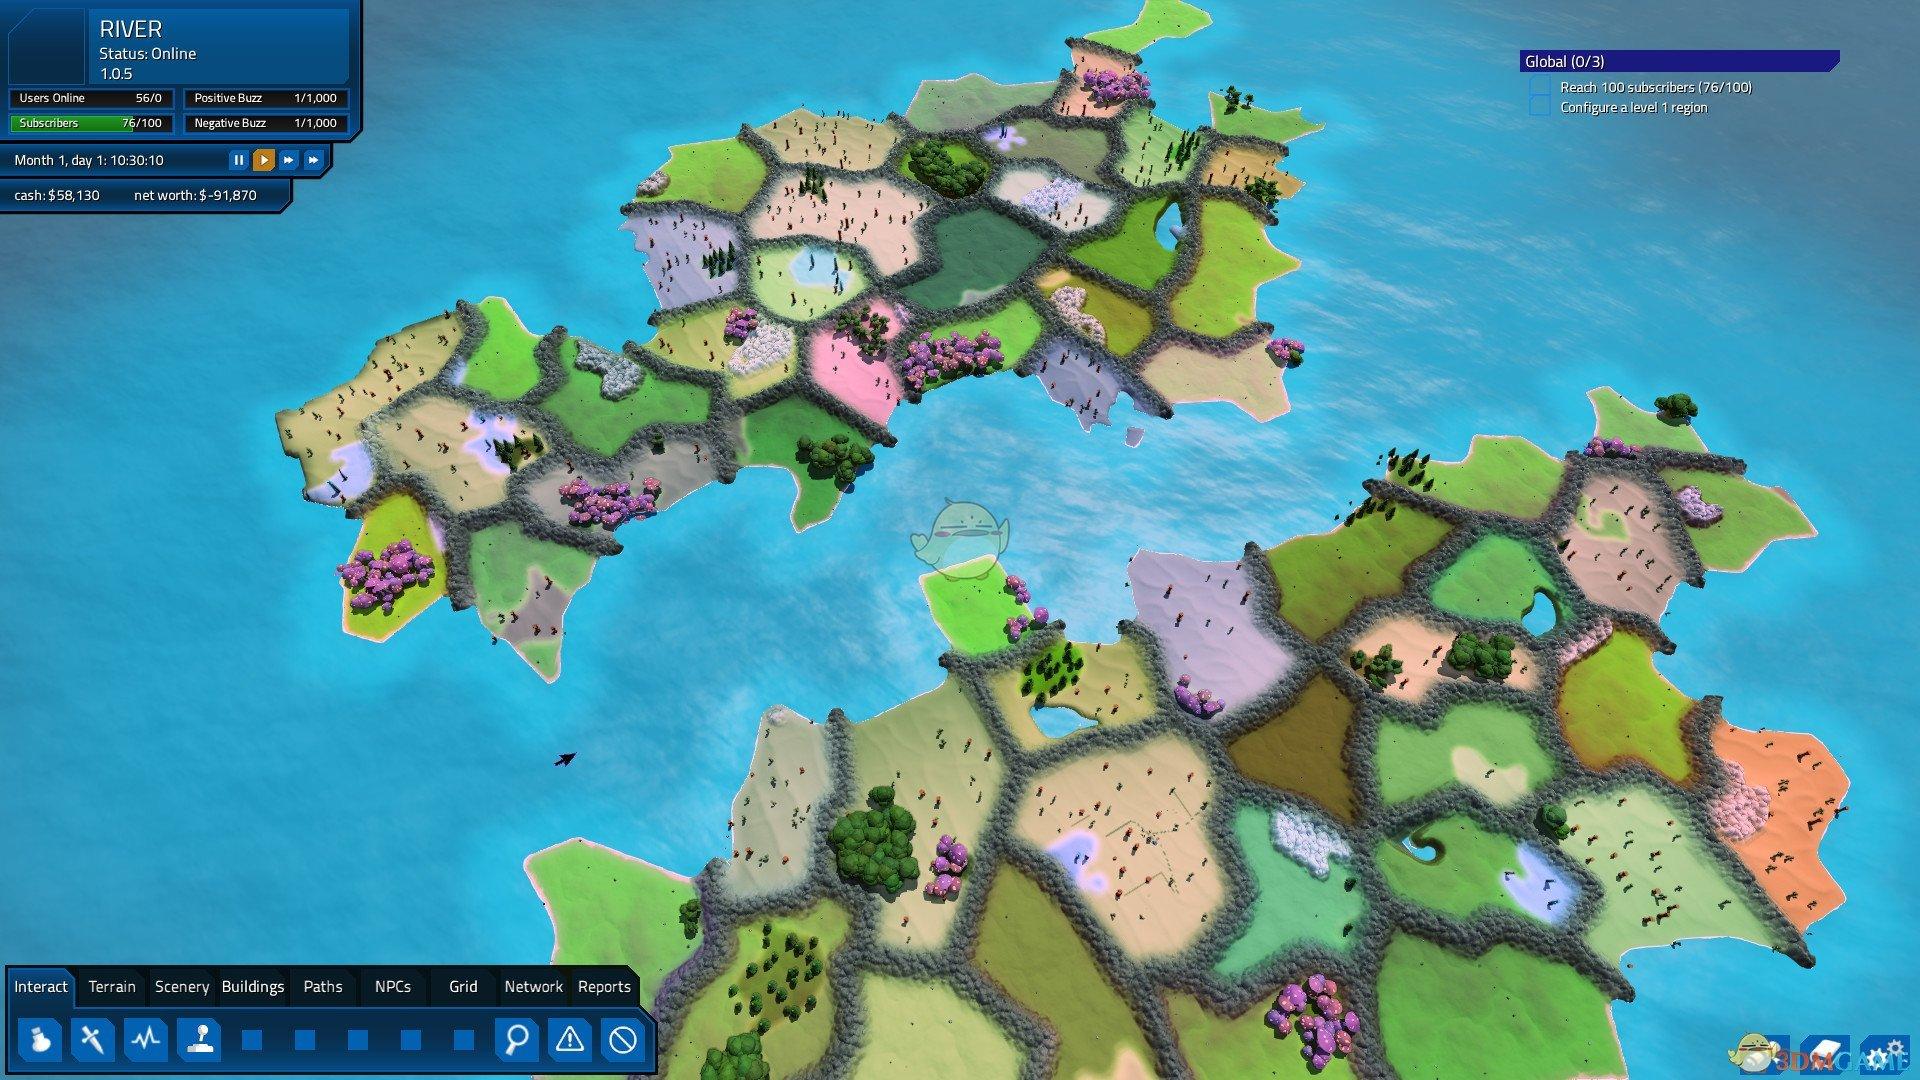 《MMORPG大亨2》游戏设计方向指南